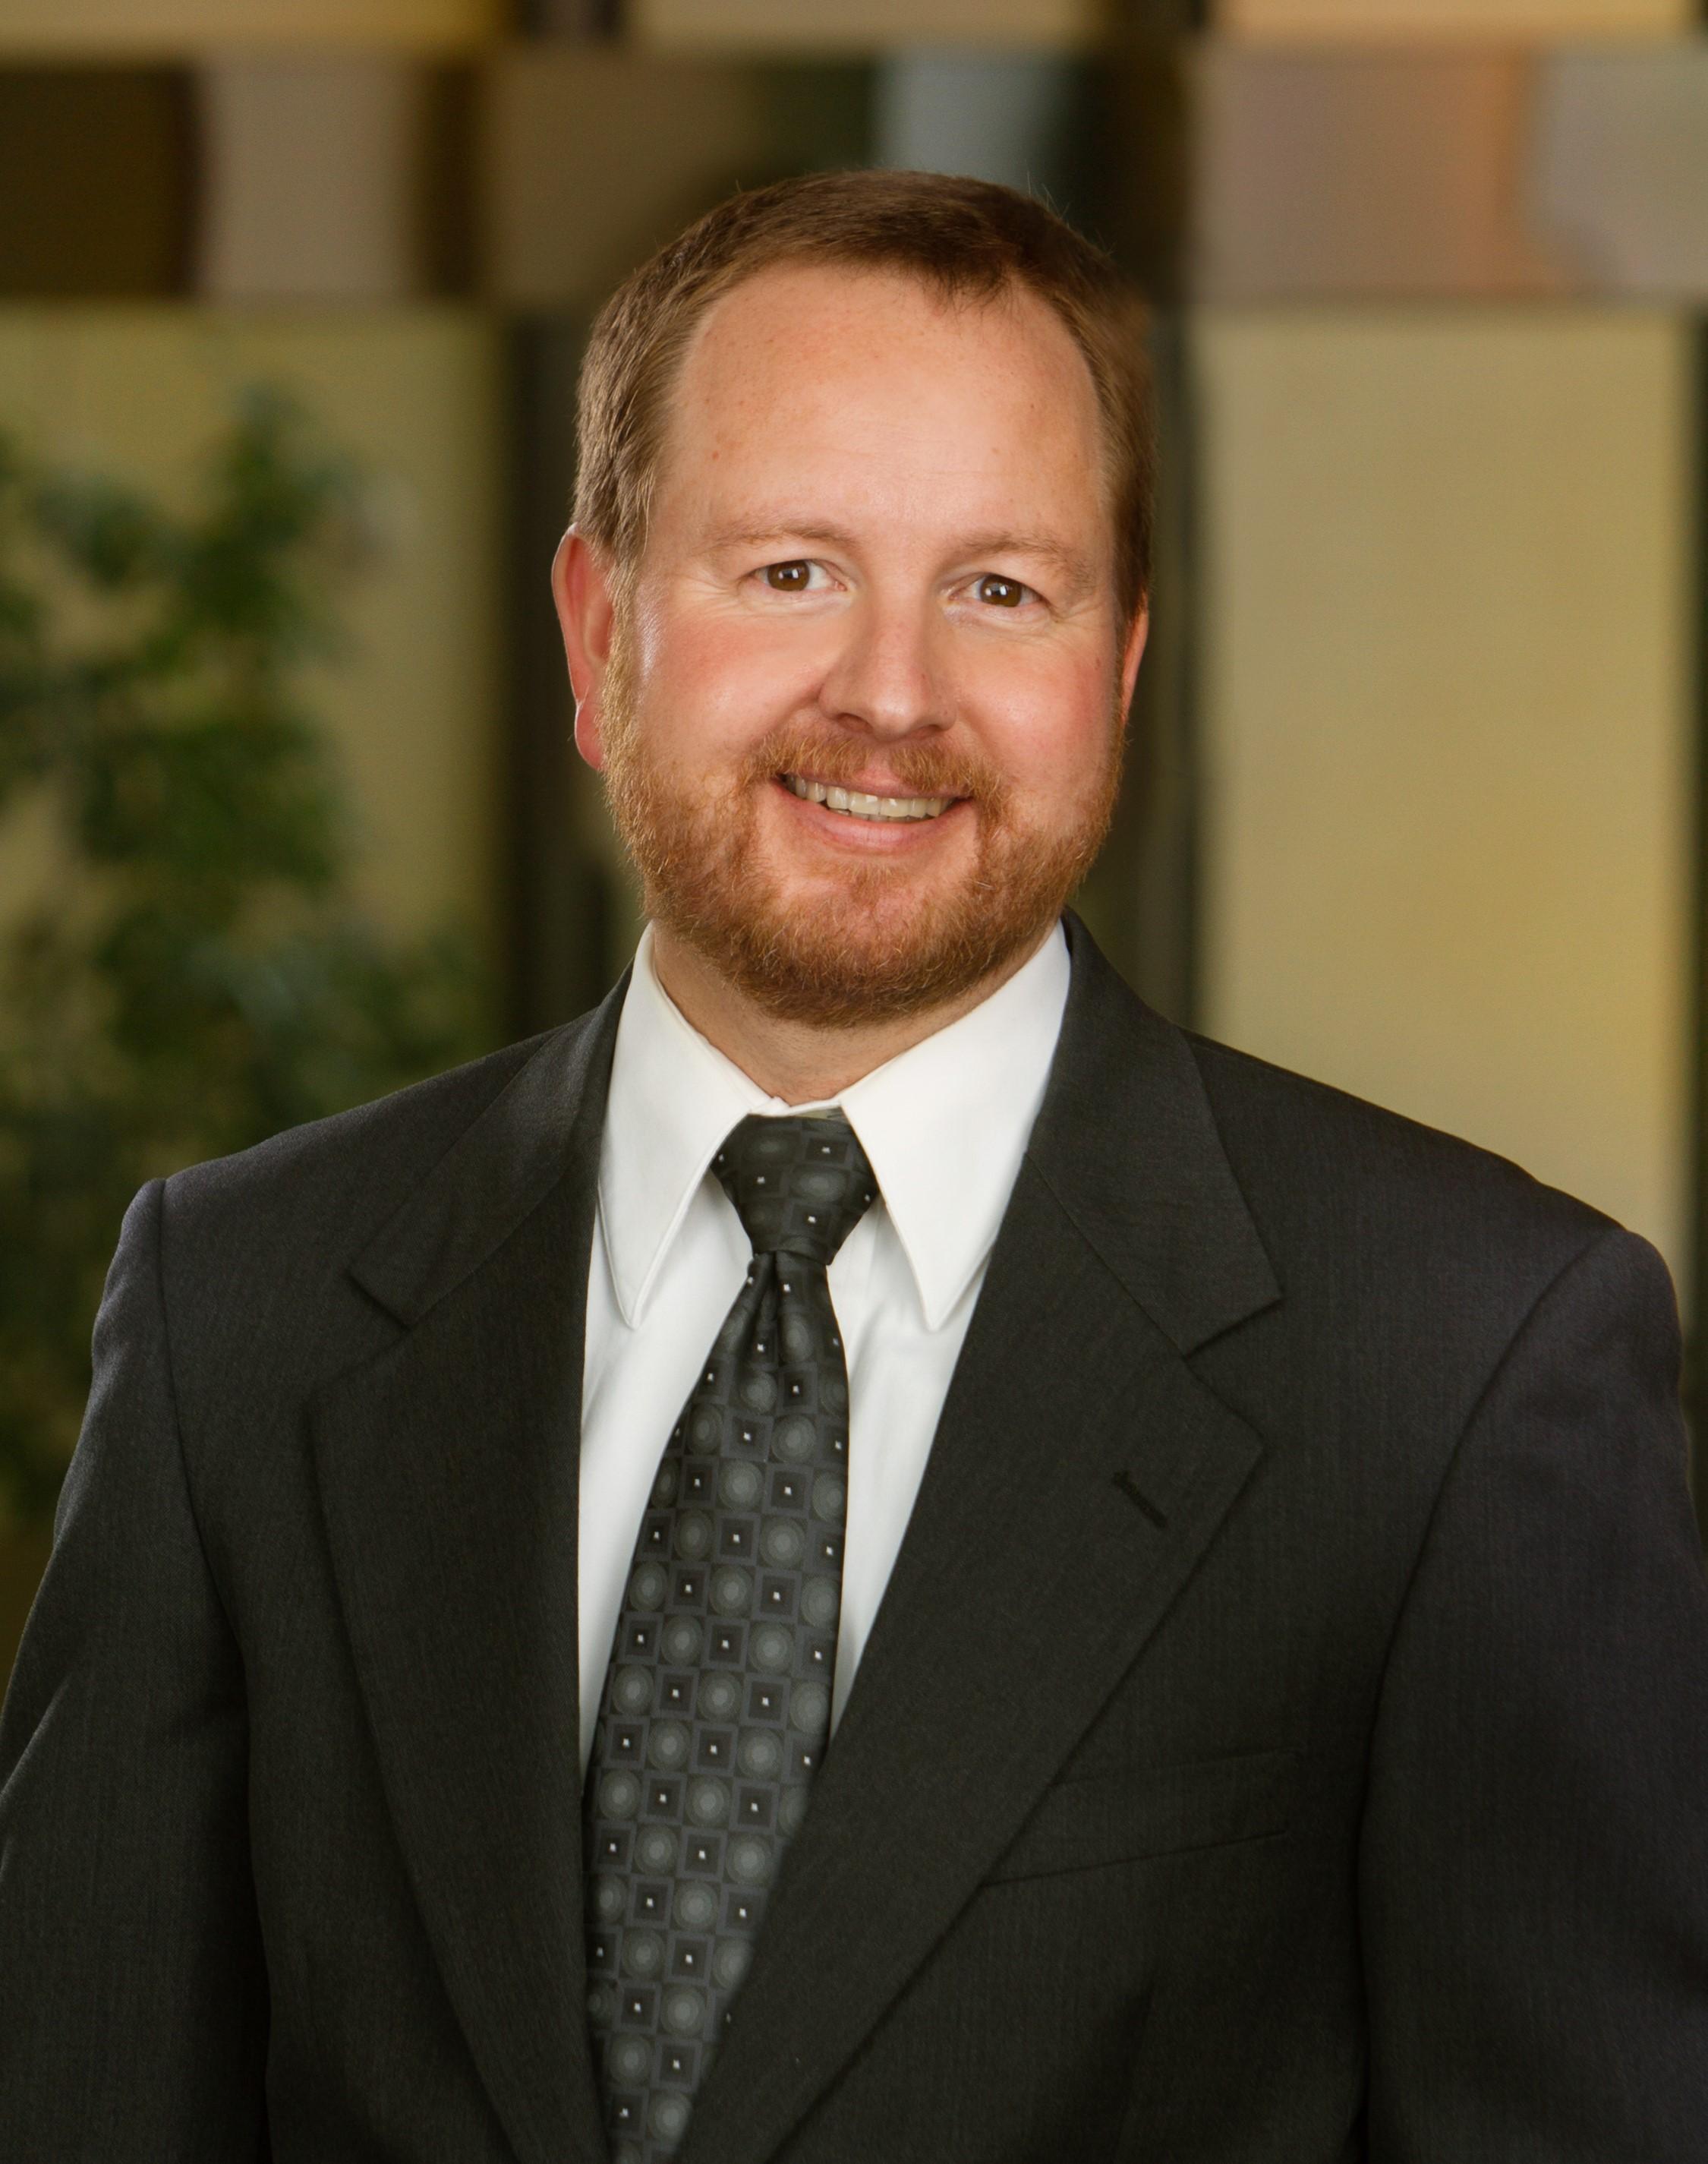 Rob Stephens